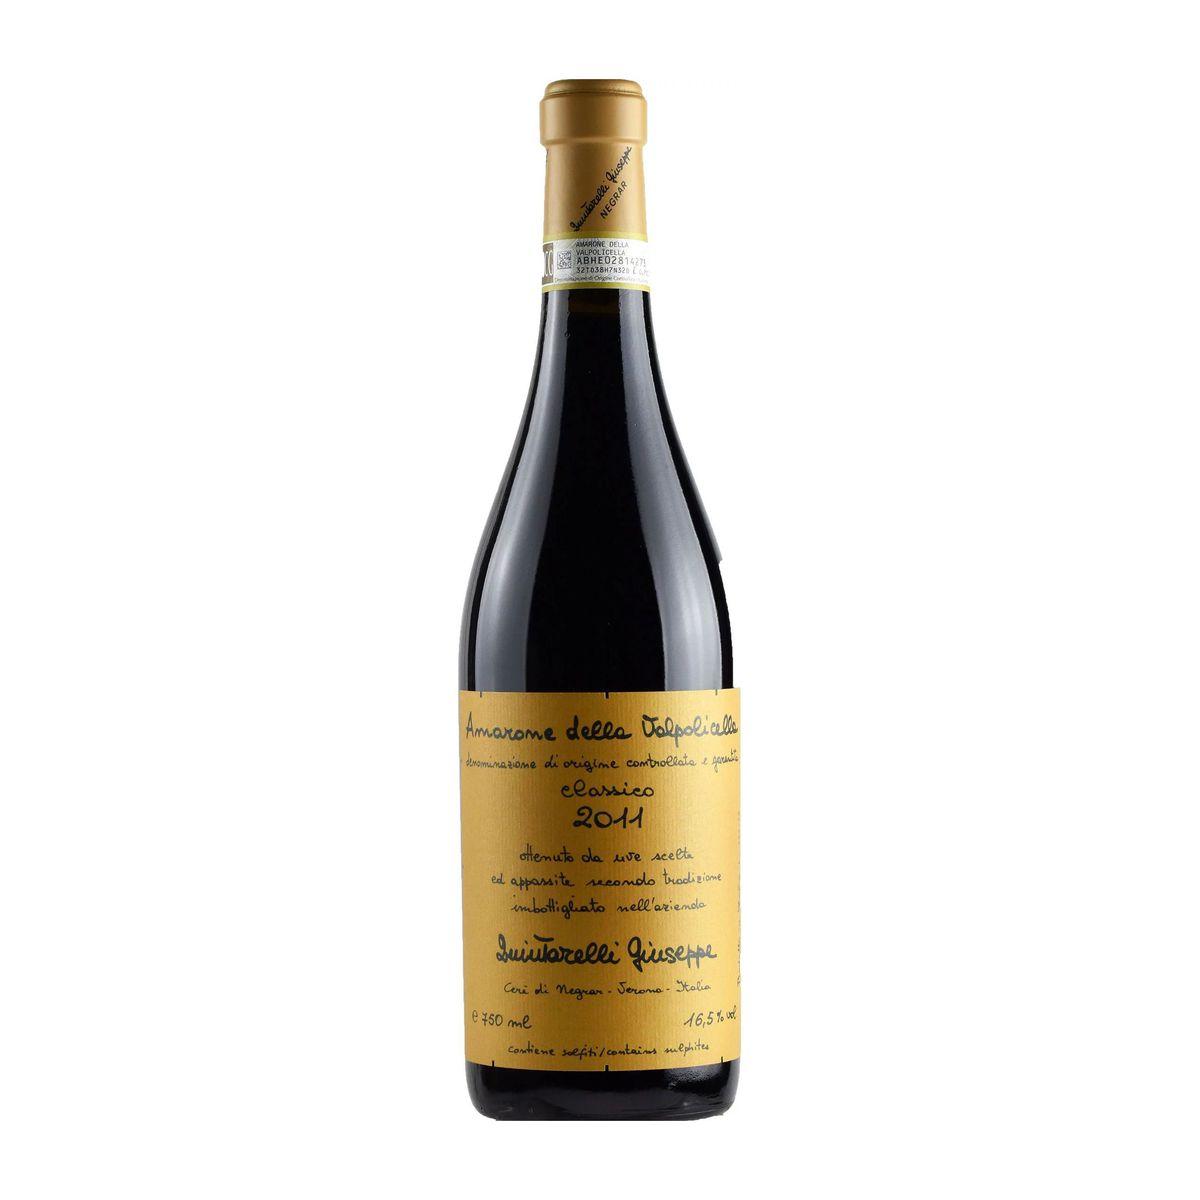 Amarone della Valpolicella Classico 2011 Quintarelli Giuseppe